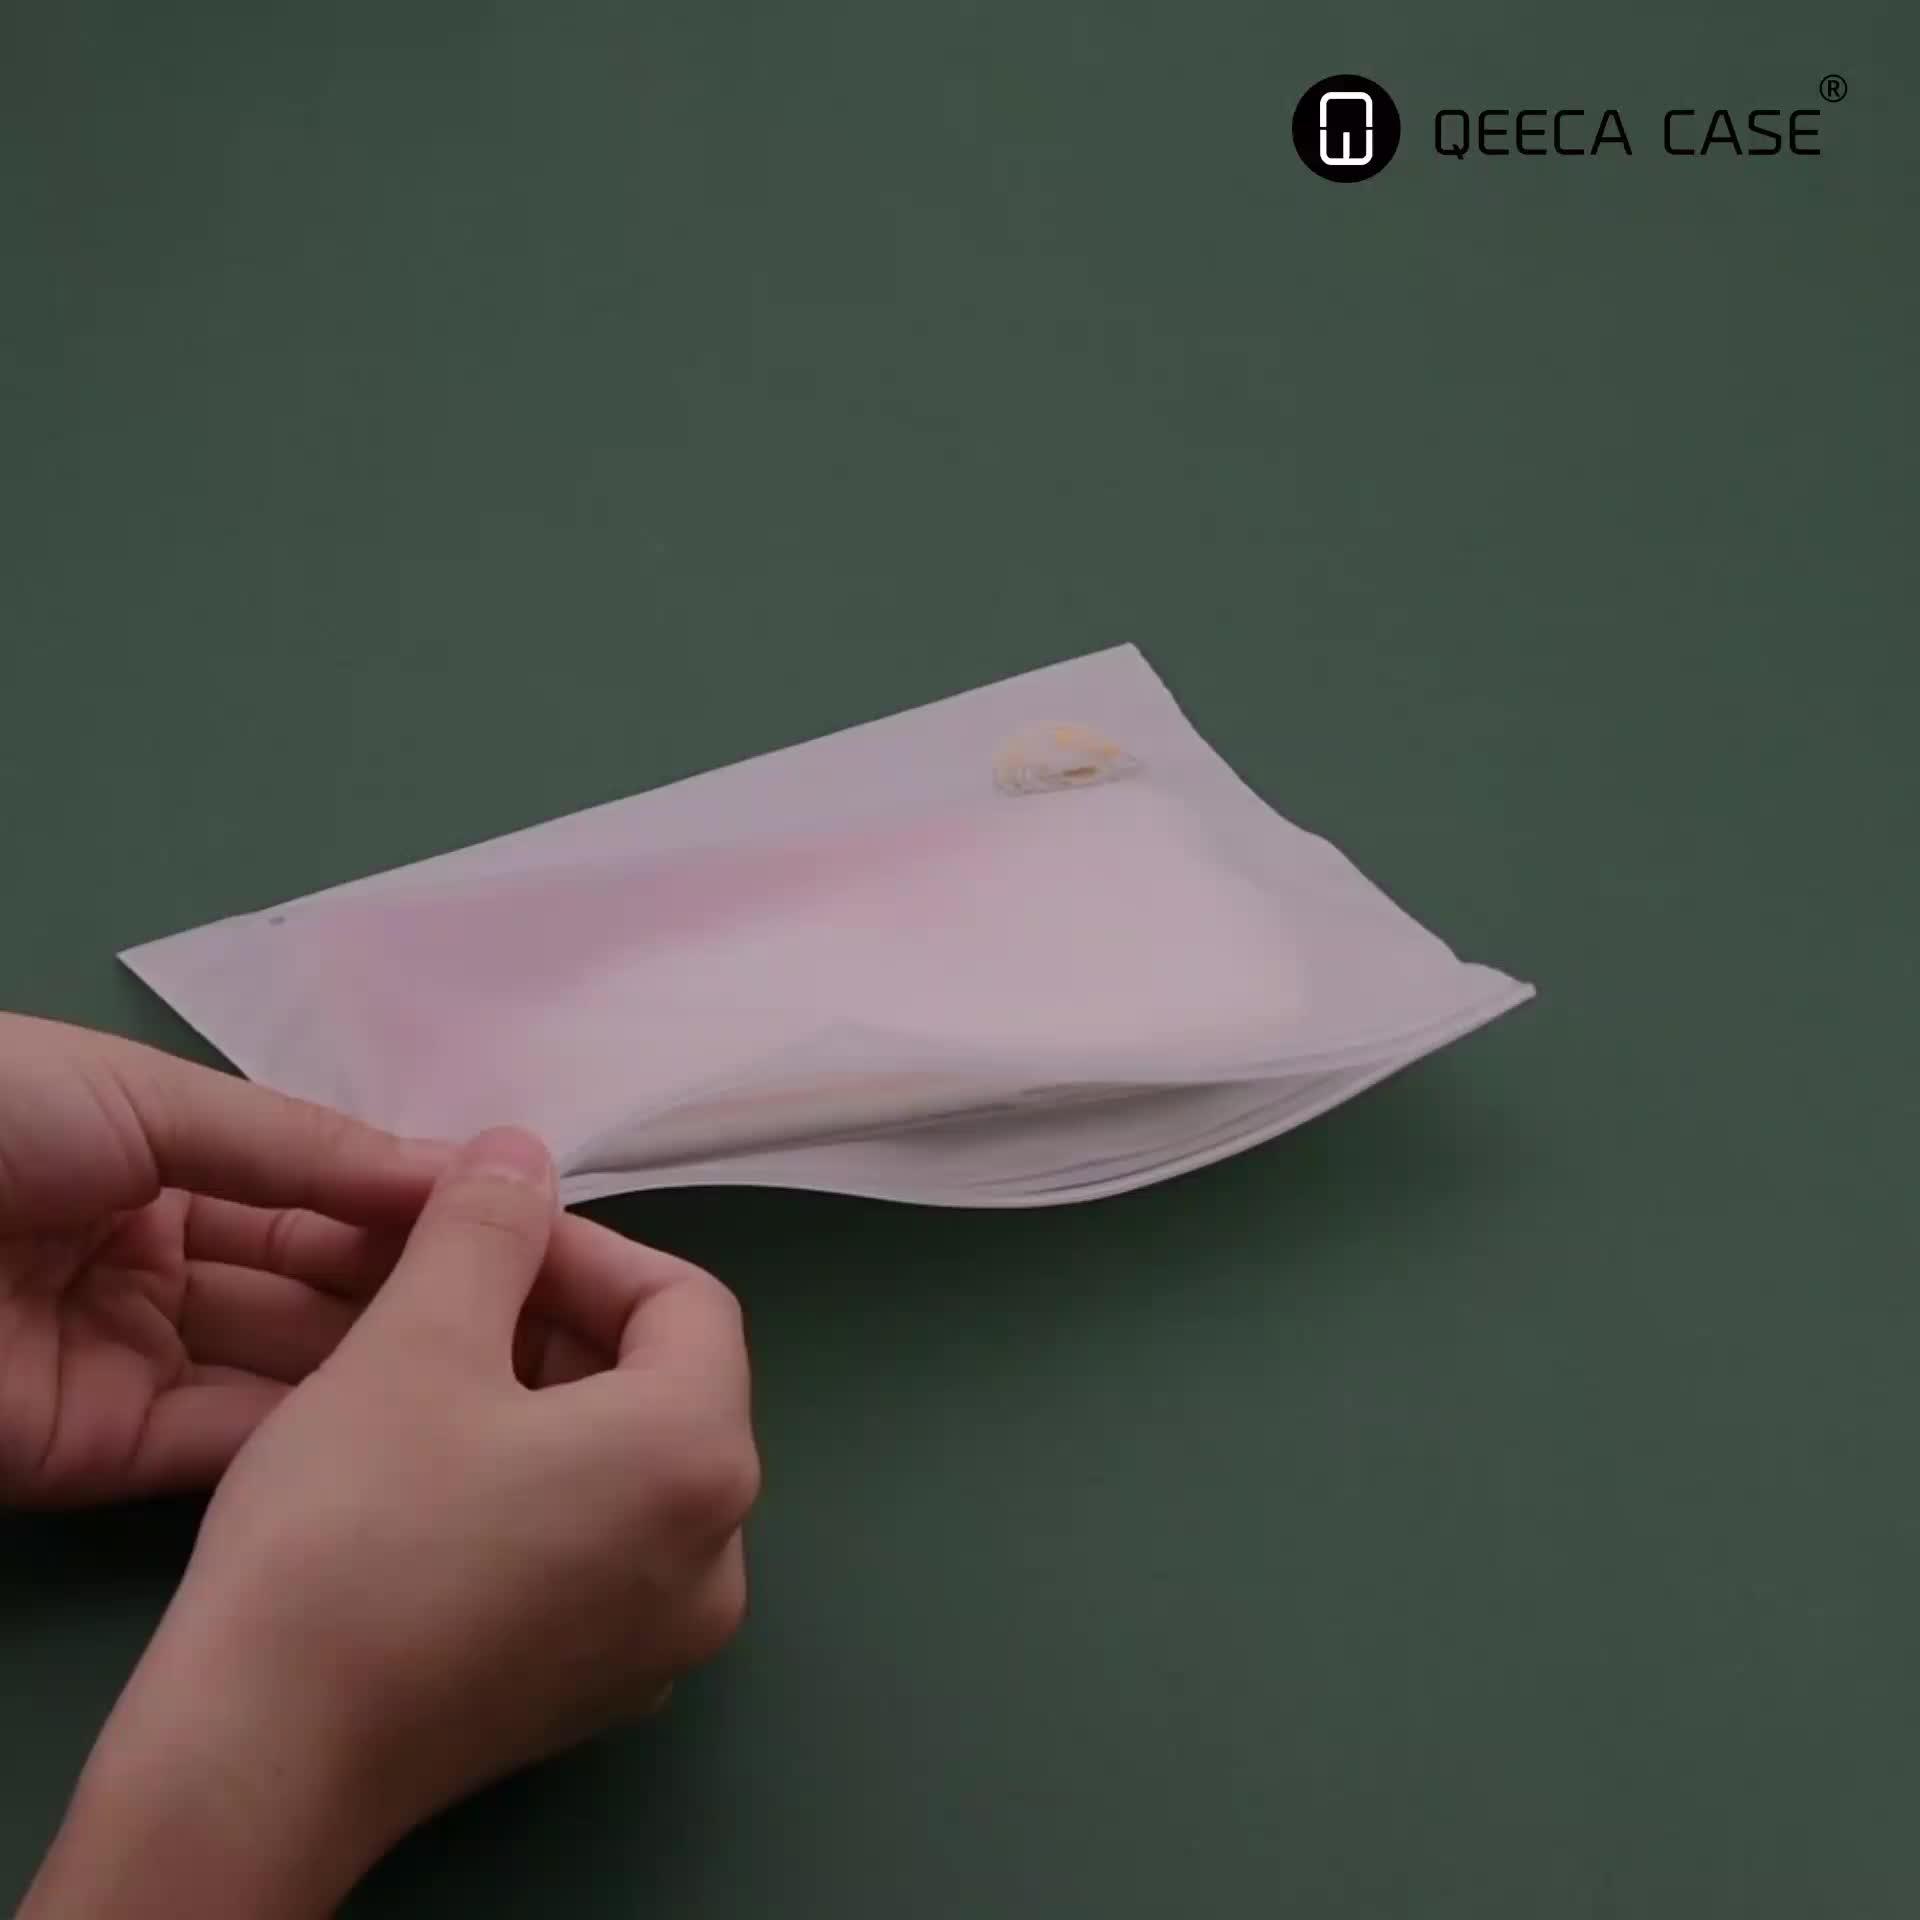 Baixo MOQ Private Label Zip Embalagem Saco de Plástico Com Impressão Próprio LOGOTIPO Personalizado Caso de Telefone Transparente